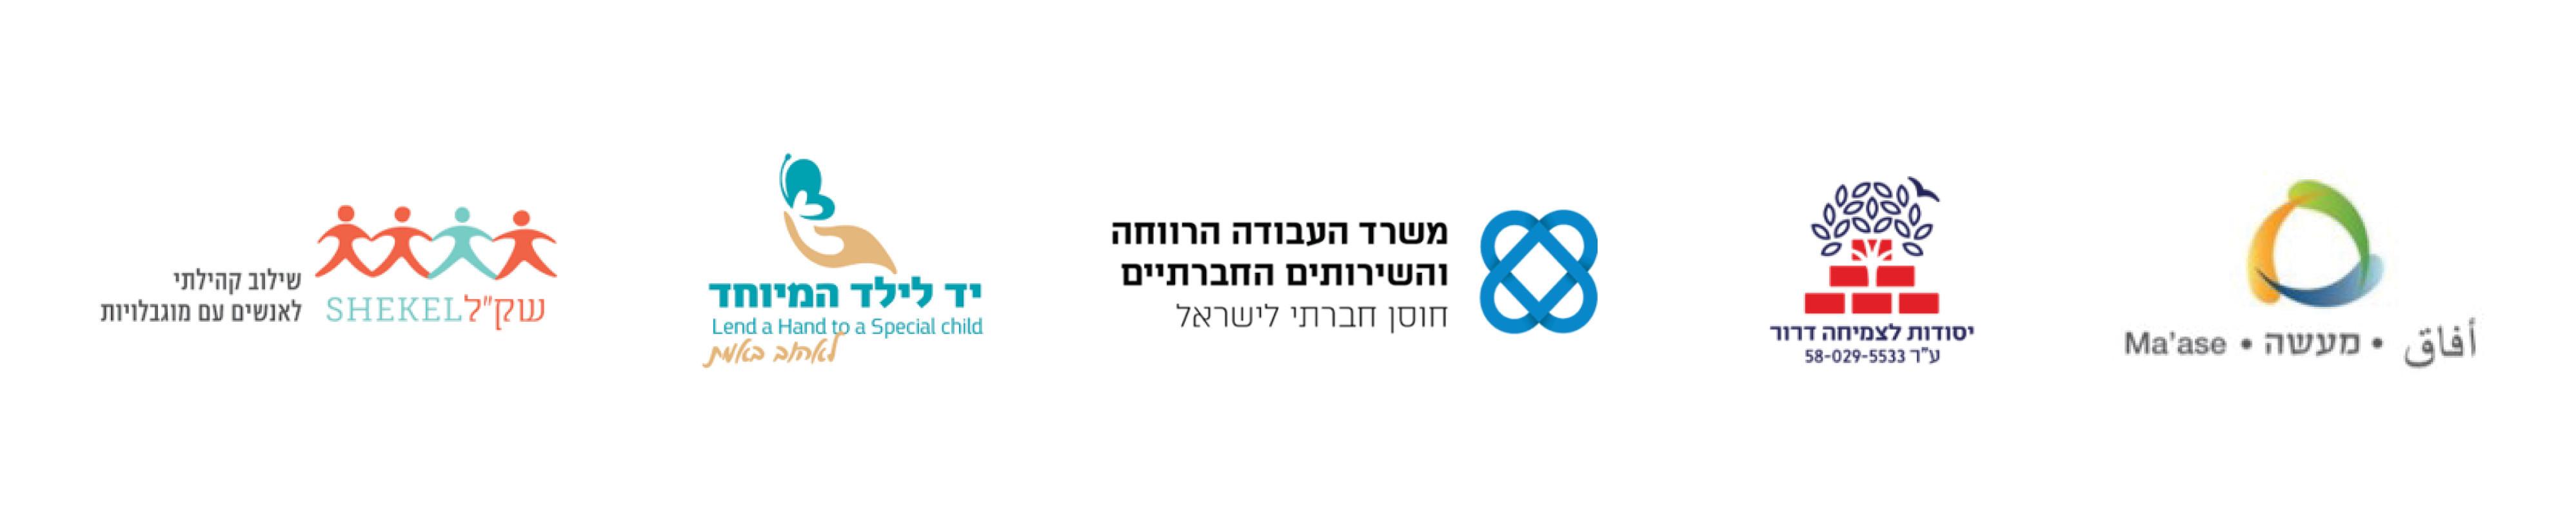 נובה - שותפים ולקוחות - לוגואים